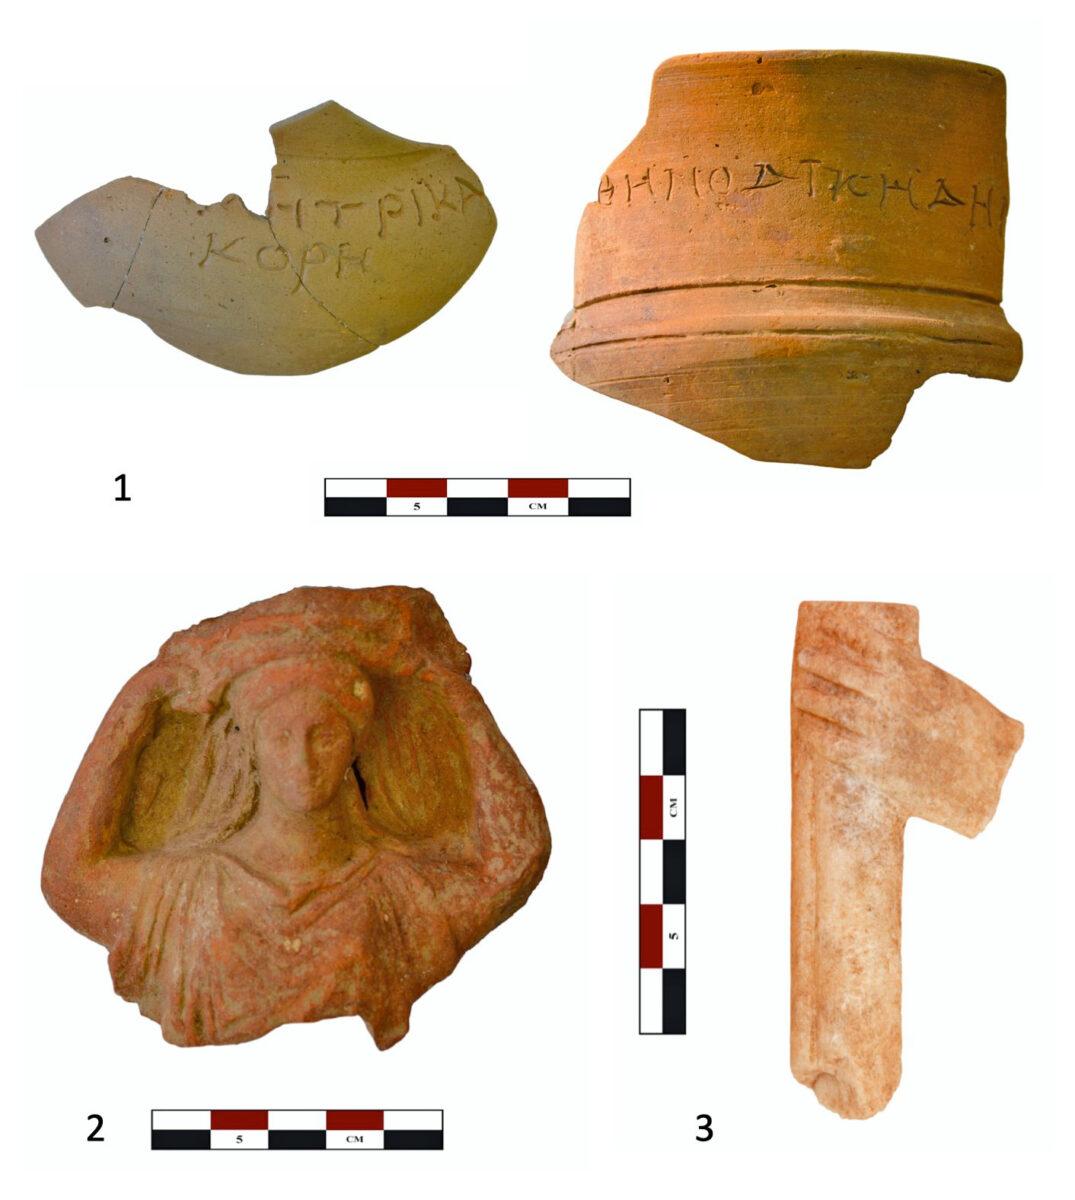 Εικ. 10. 1: Graffiti πάνω σε τελετουργικά αγγεία από το εσωτερικό του ναού στα οποία αναγράφονται τα ονόματα των λατρευόμενων θεοτήτων (ΔΗΜΙΤΡΙ ΚΑΙ ΚΟΡΗ). 2: Πήλινο ειδώλιο κιστοφόρου. 3: Χέρι που κρατάει δάδα, πιθανώς από μαρμάρινο αγαλμάτιο Κόρης.